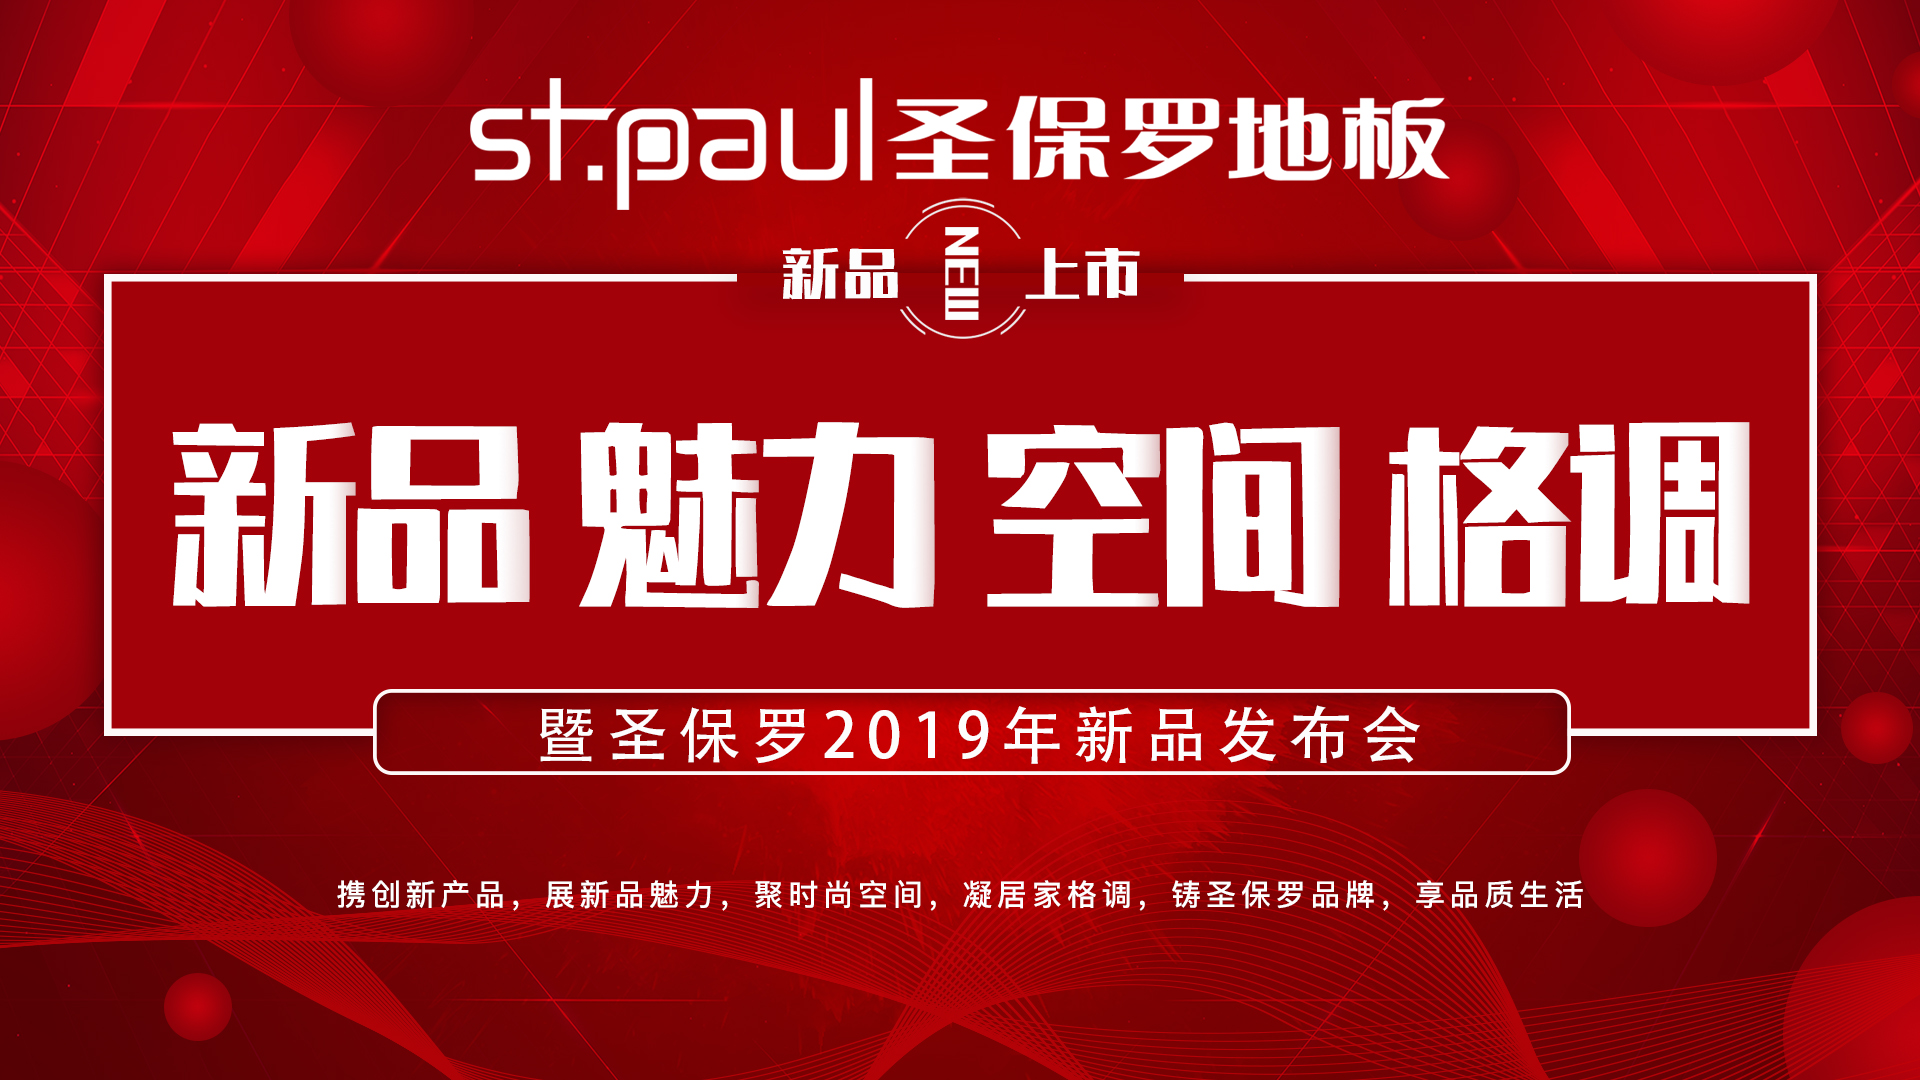 新品·魅力·空间·格调|万博官方2019新品发布会于咸宁圆满召开